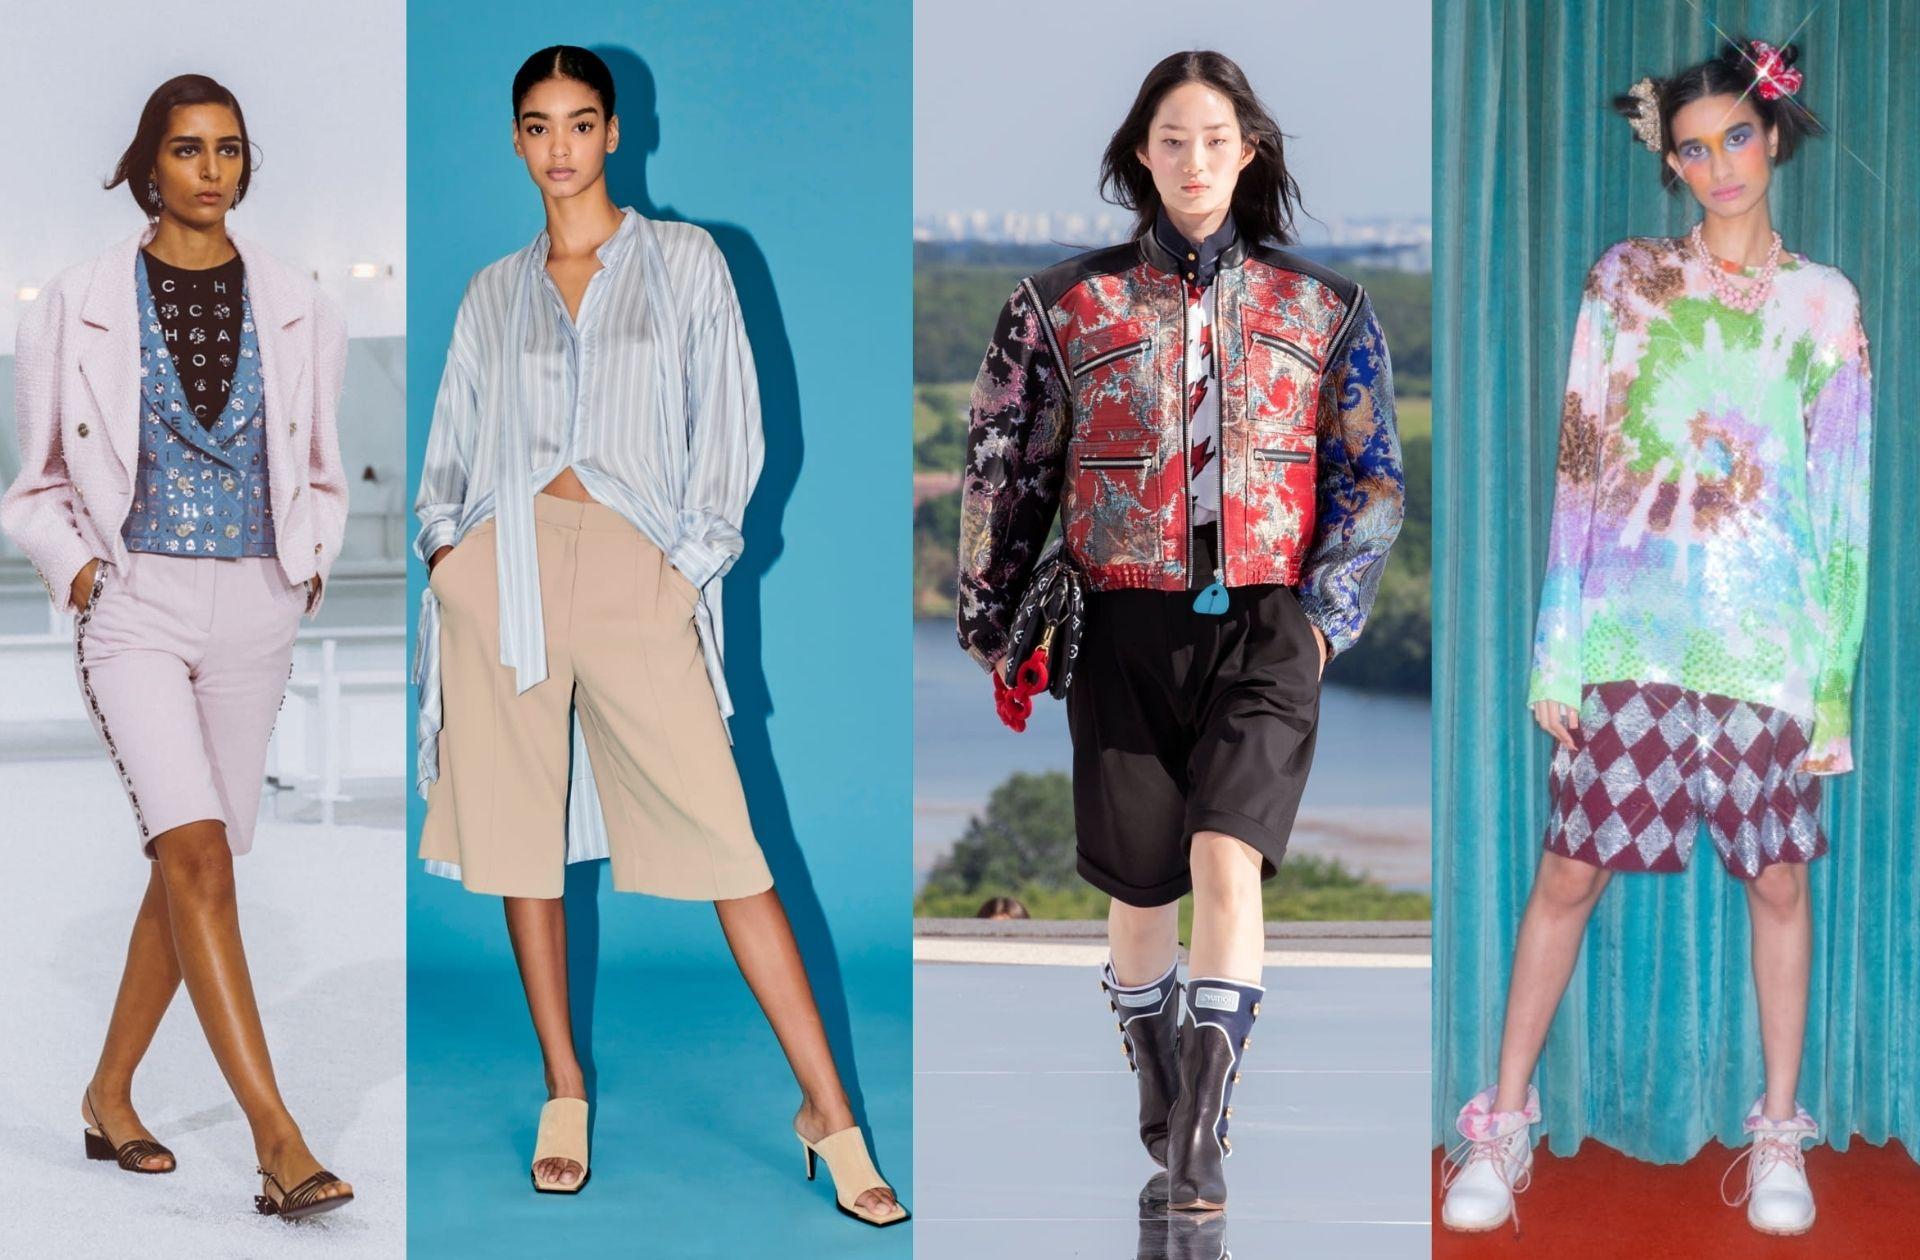 De gauche à droite : Chanel printemps-été 2021 ; Barbara Bui printemps-été 2021 ; Louis Vuitton Resort 2022 ; Ashish automne-hiver 2021-2022